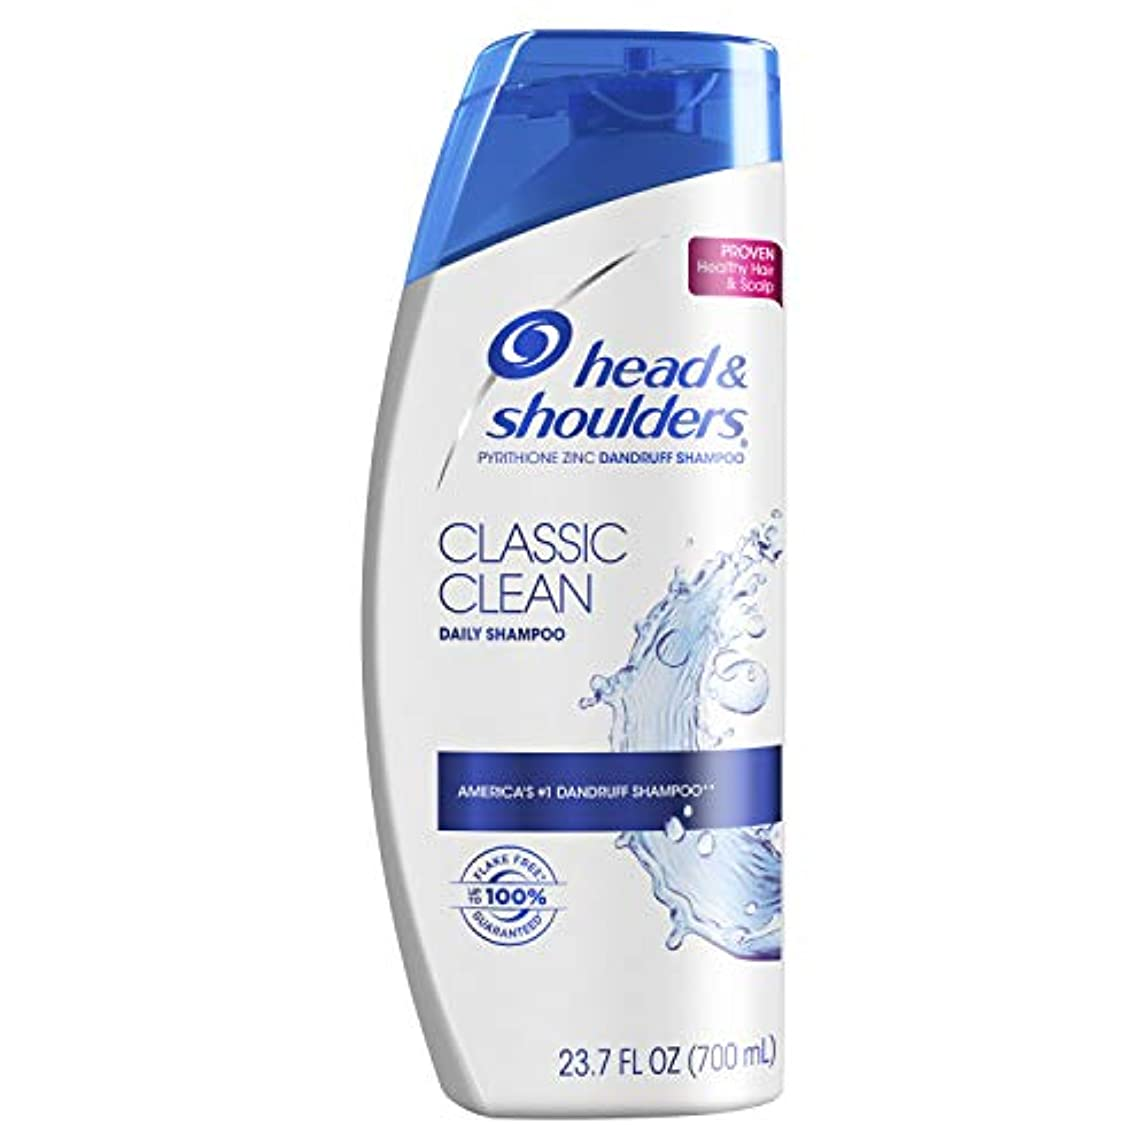 ブース援助カフェHead & Shoulders Classic Clean Dandruff Shampoo, 23.7 Oz by Head & Shoulders